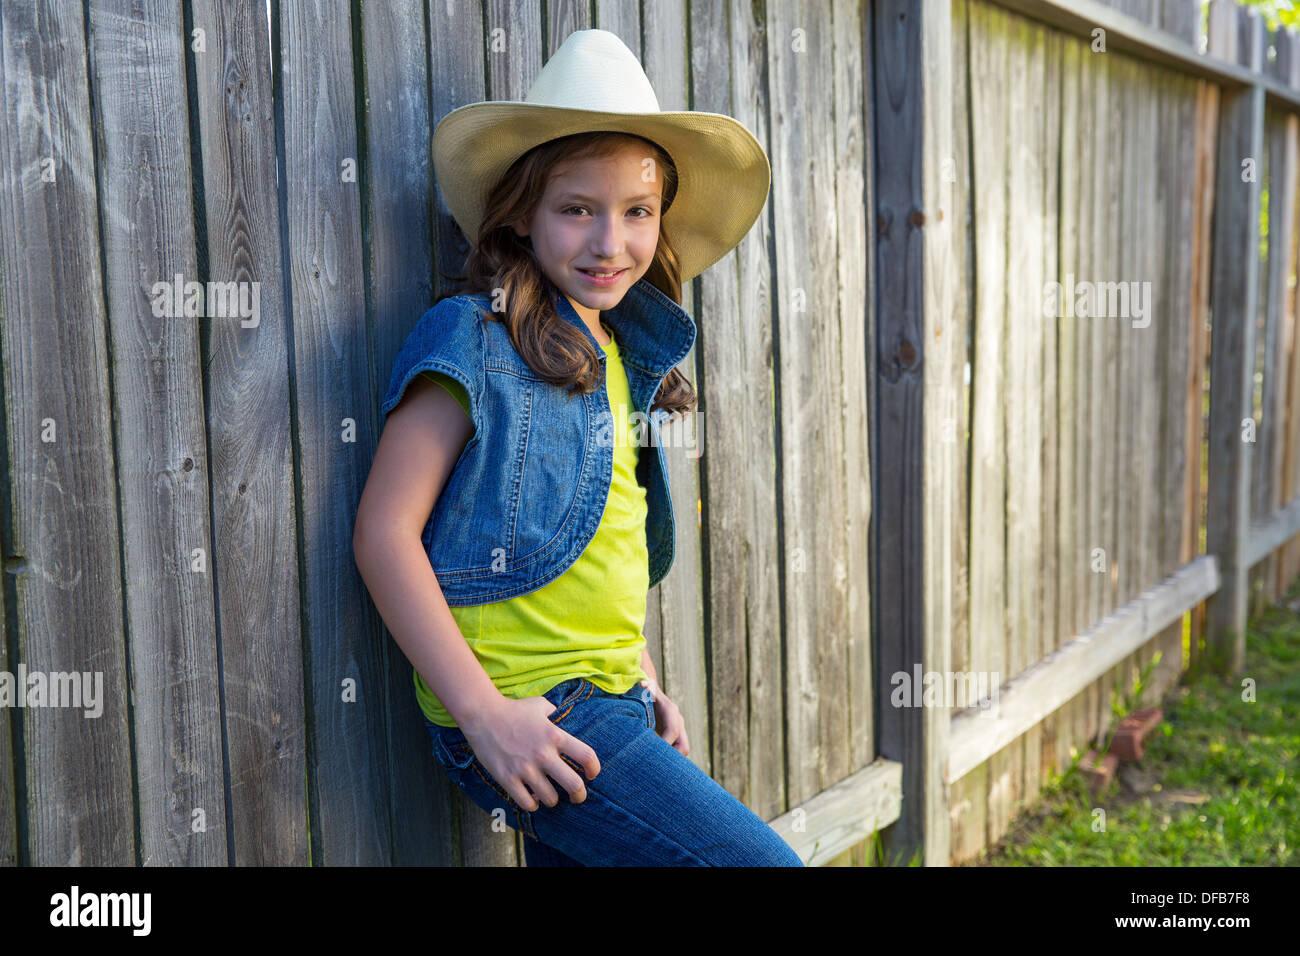 Bambini ragazza come kid cowboy ragazza cowgirl in posa sulla staccionata  in legno molto in stile occidentale c380927c1a6b